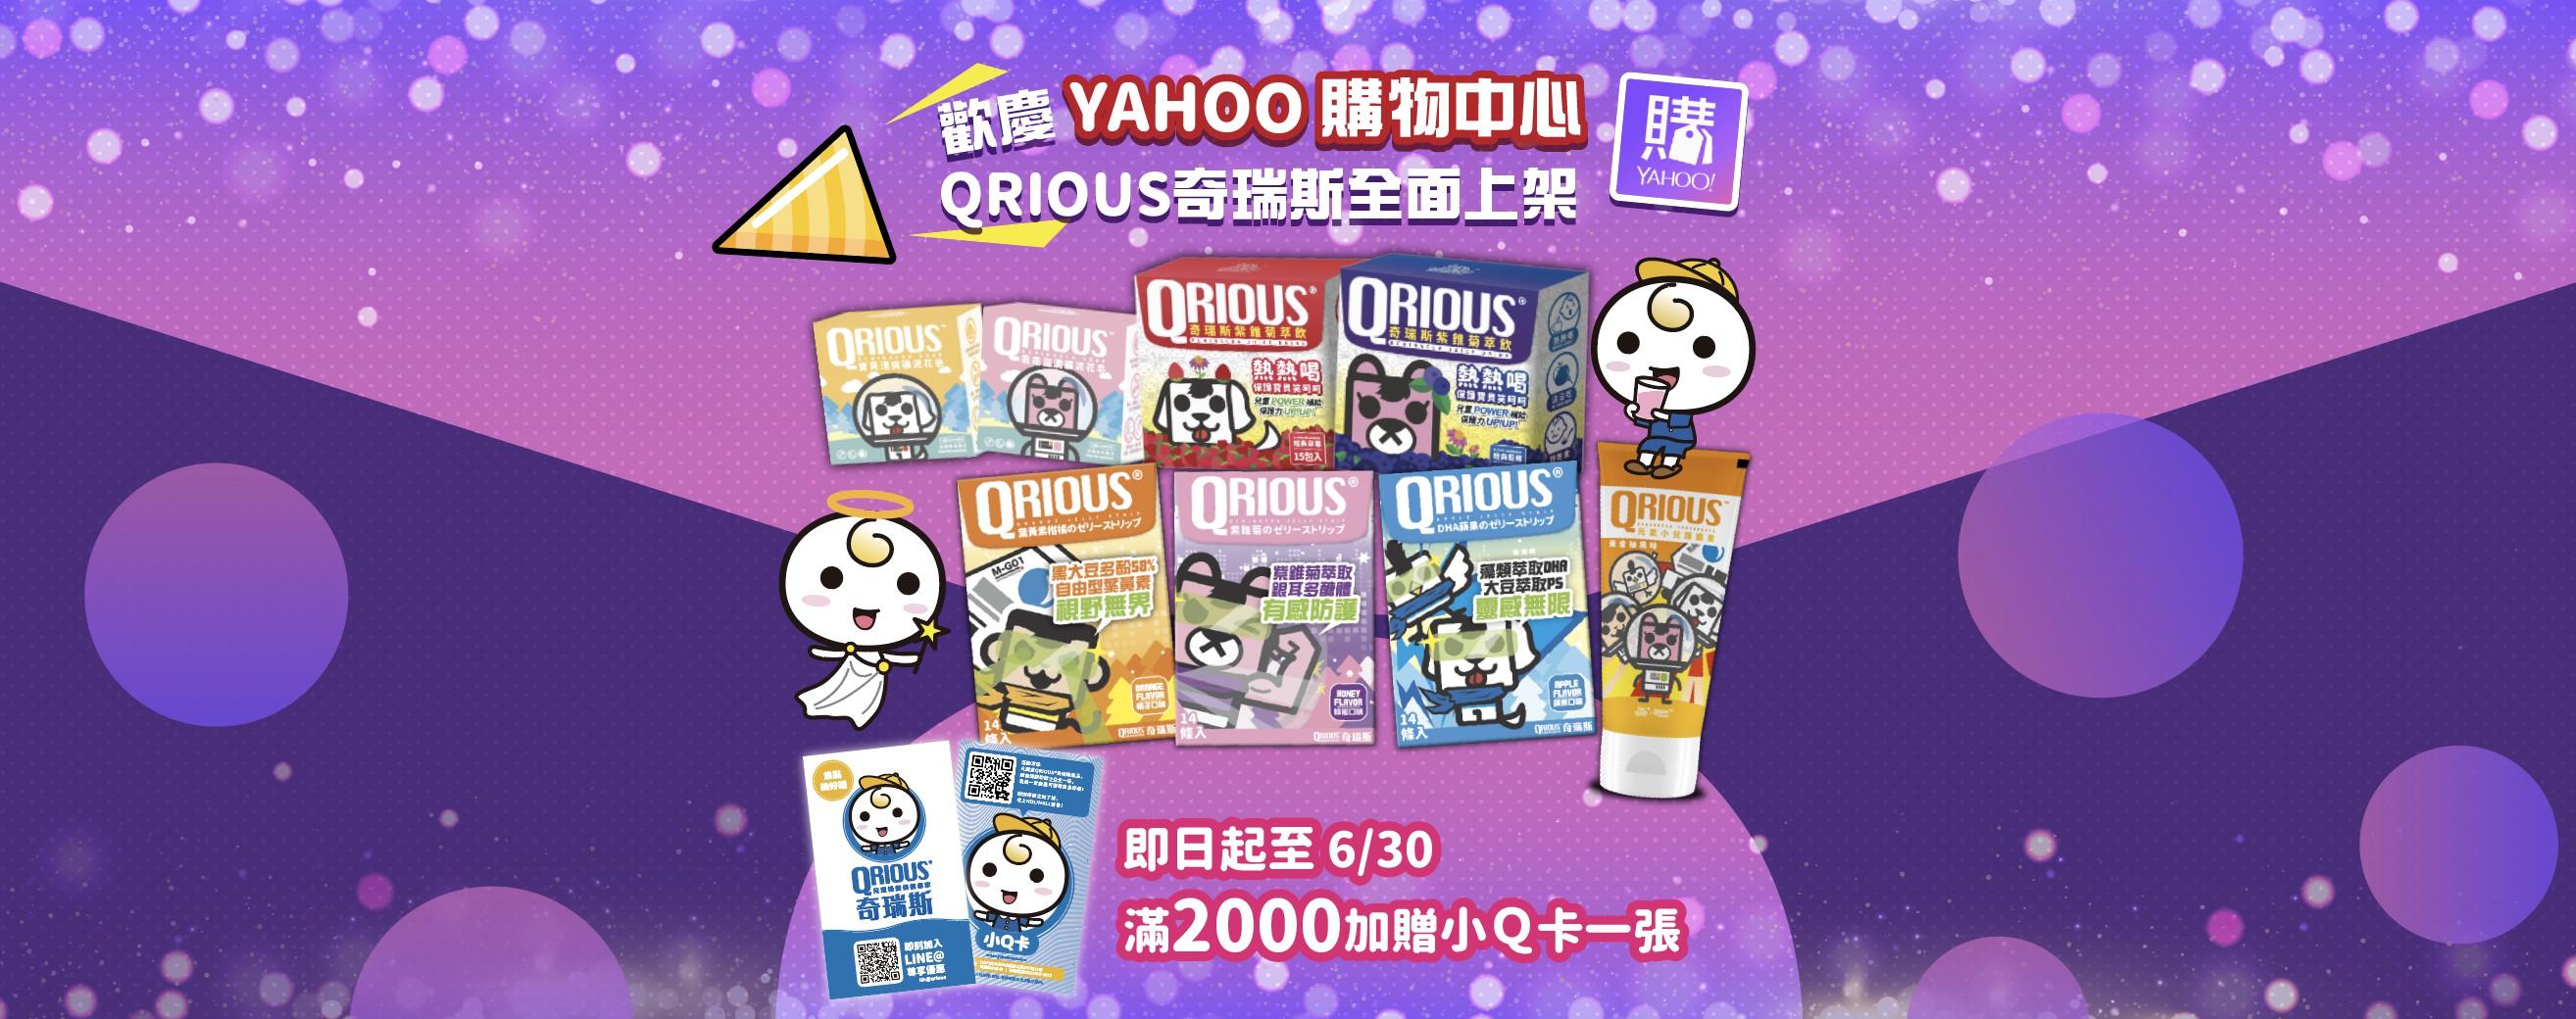 歡慶Yahoo購物中心上架!